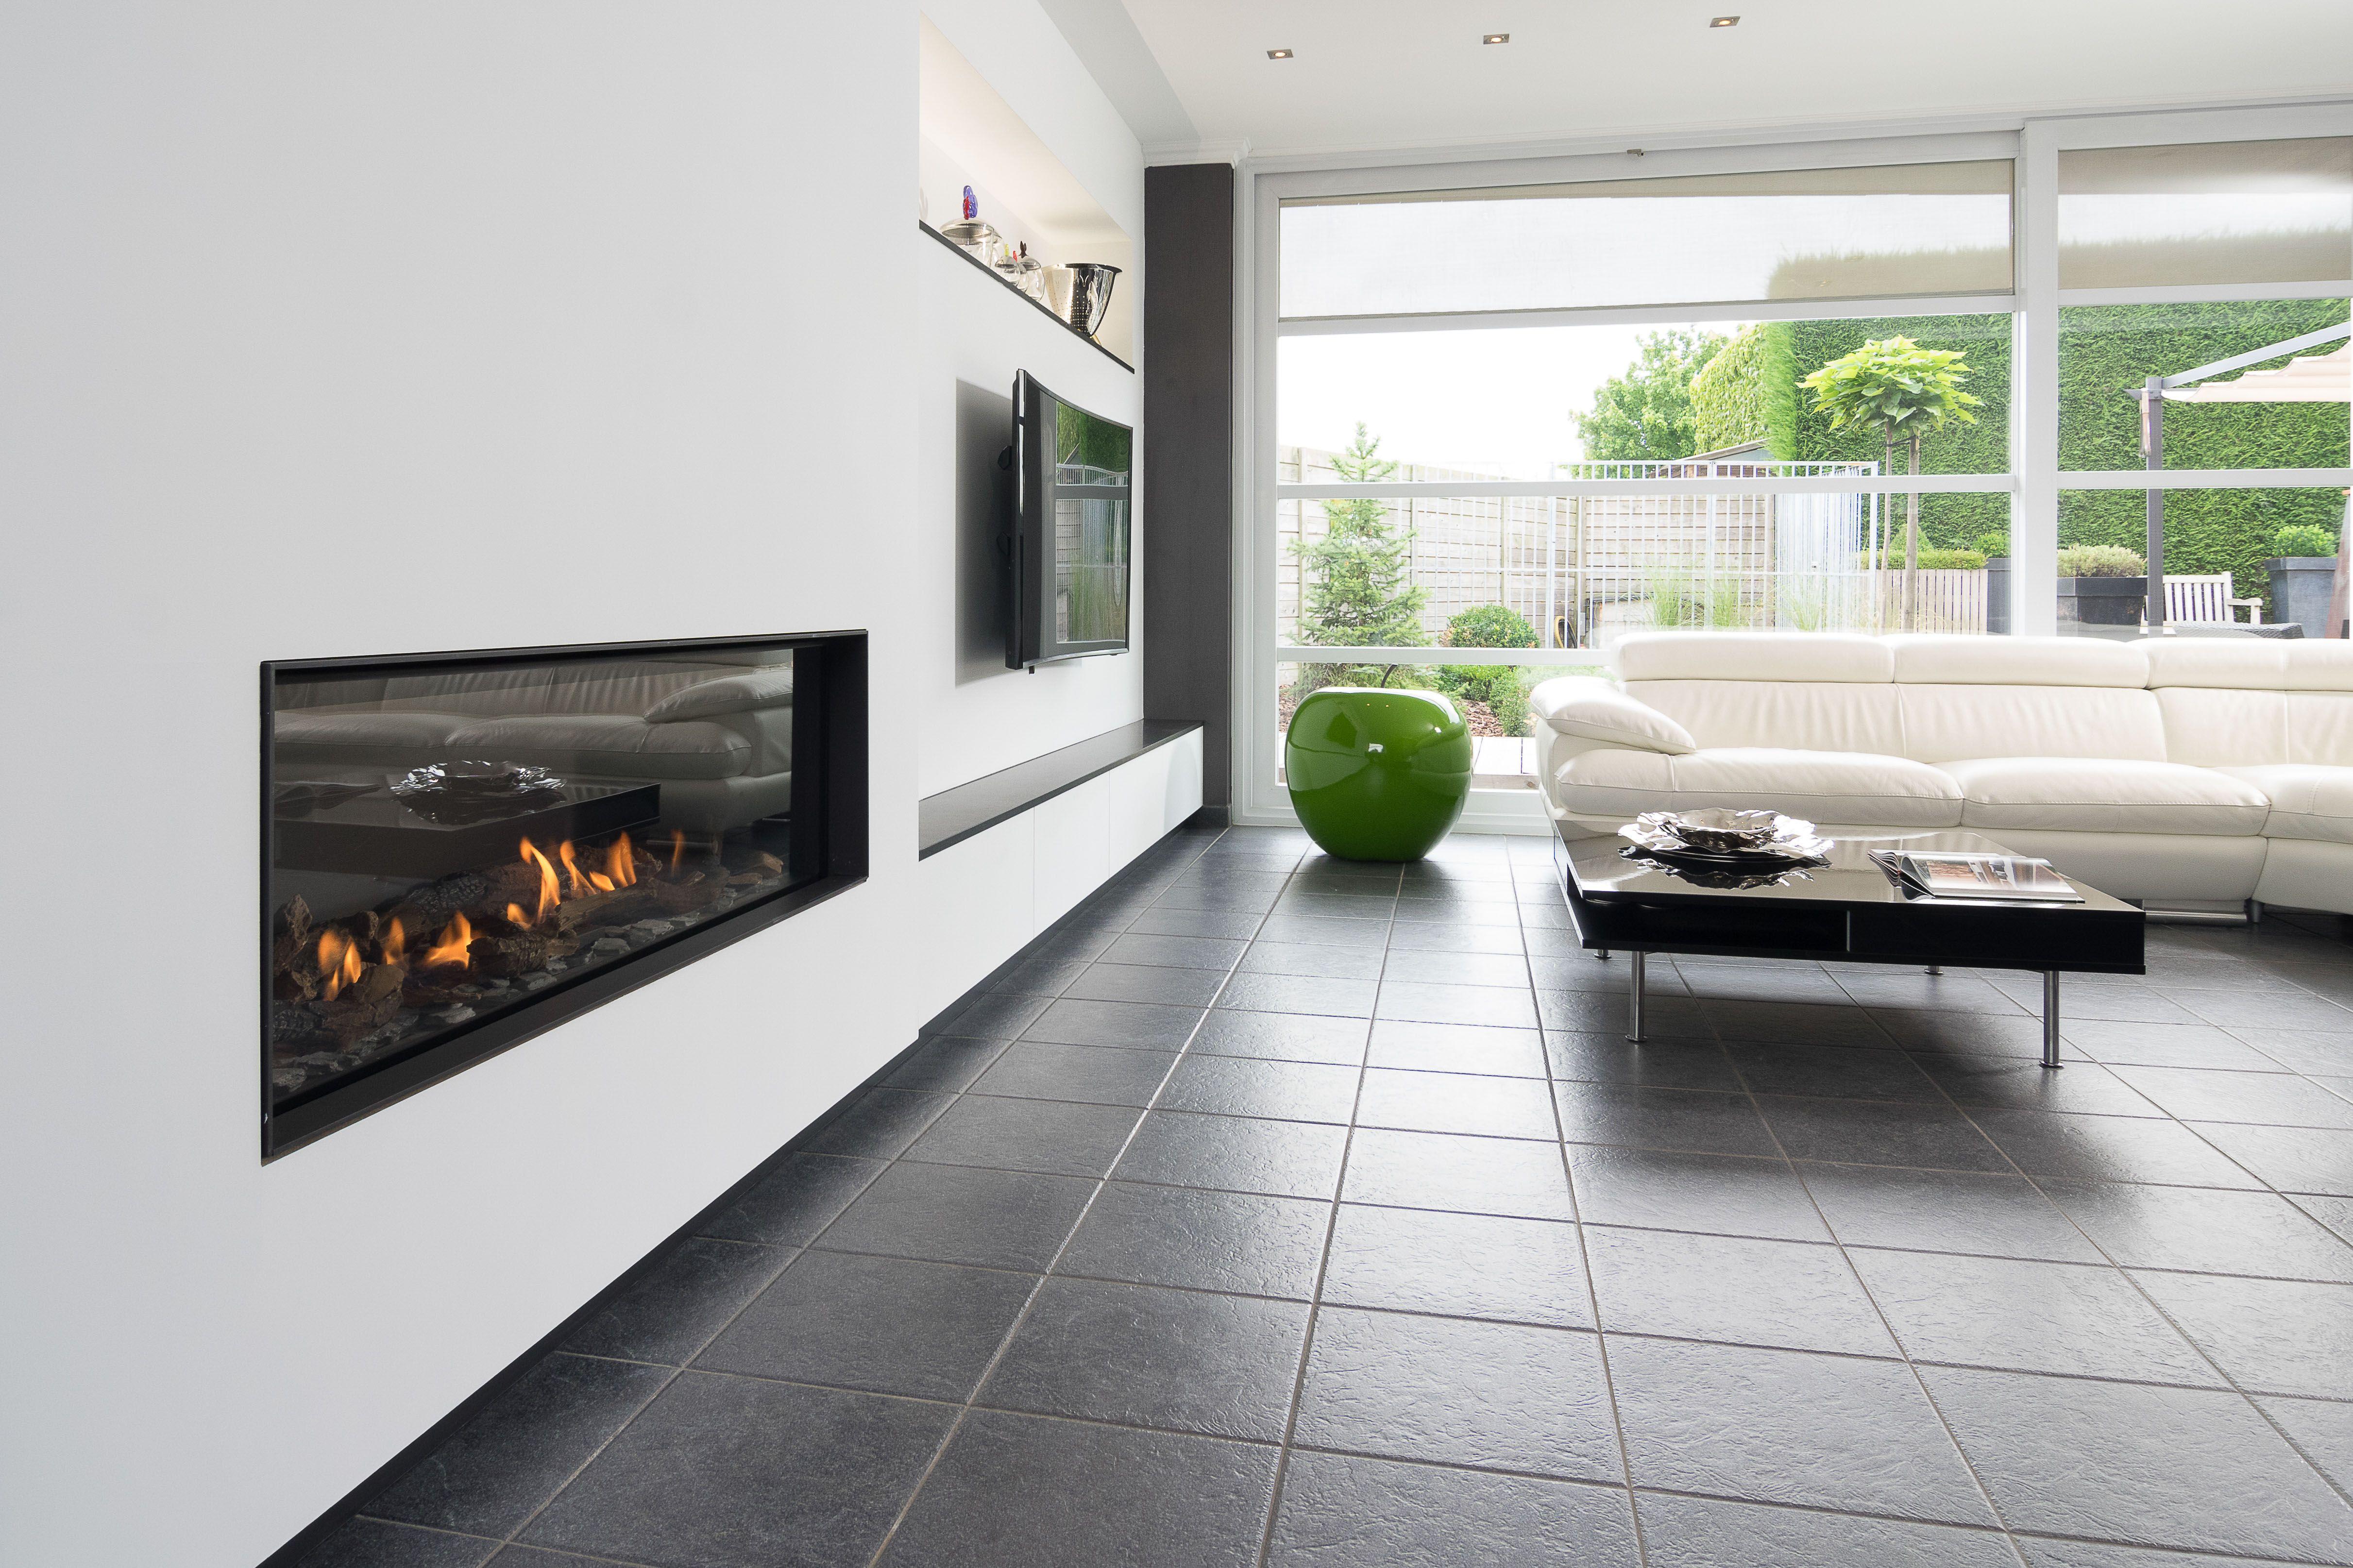 Kast Woonkamer Modern : Openhaard haard vuur gasvuur gas frontmodel bellfires modern